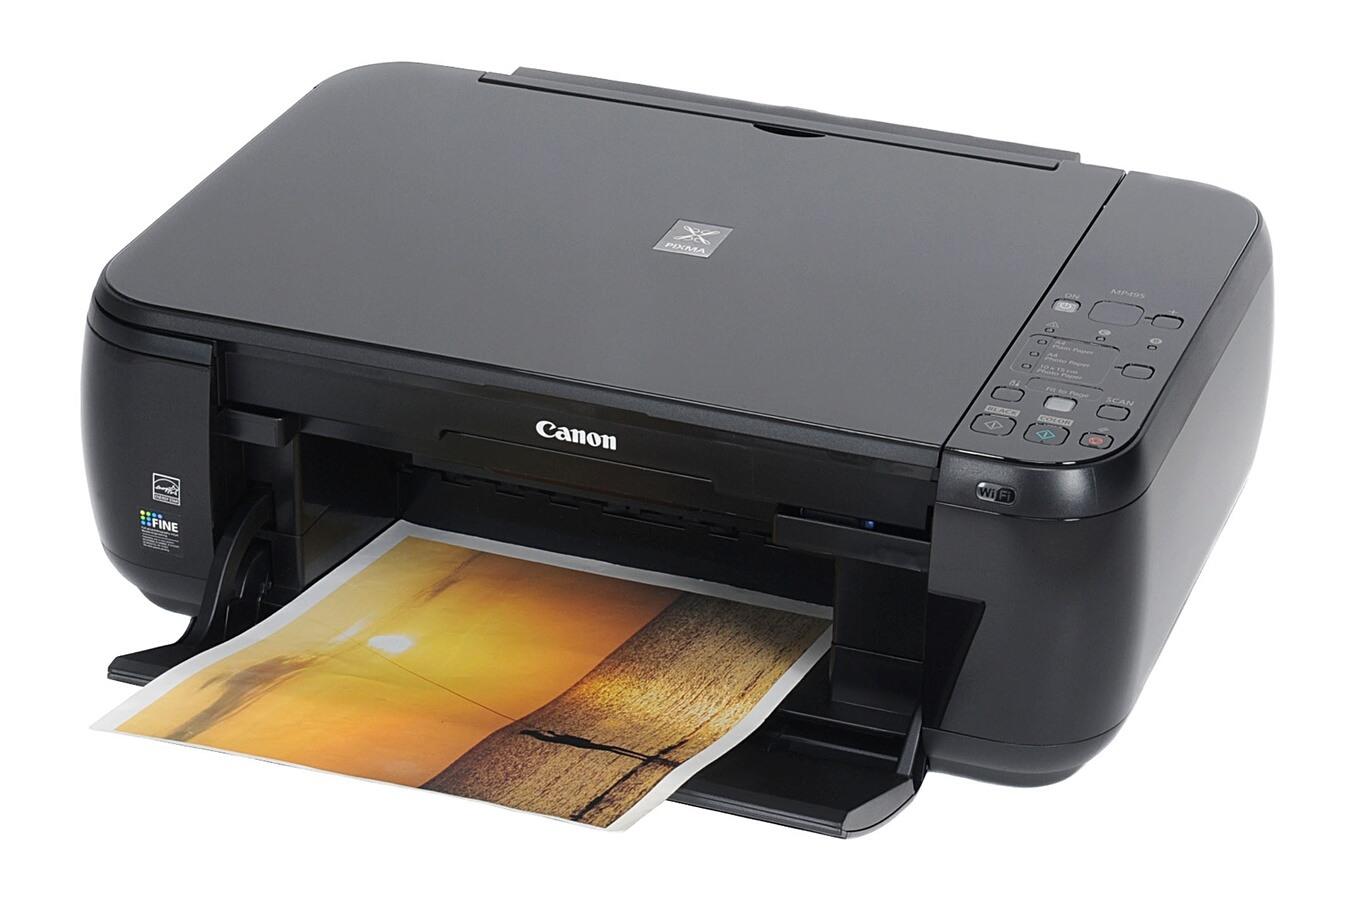 Canon pixma mp495 scanner